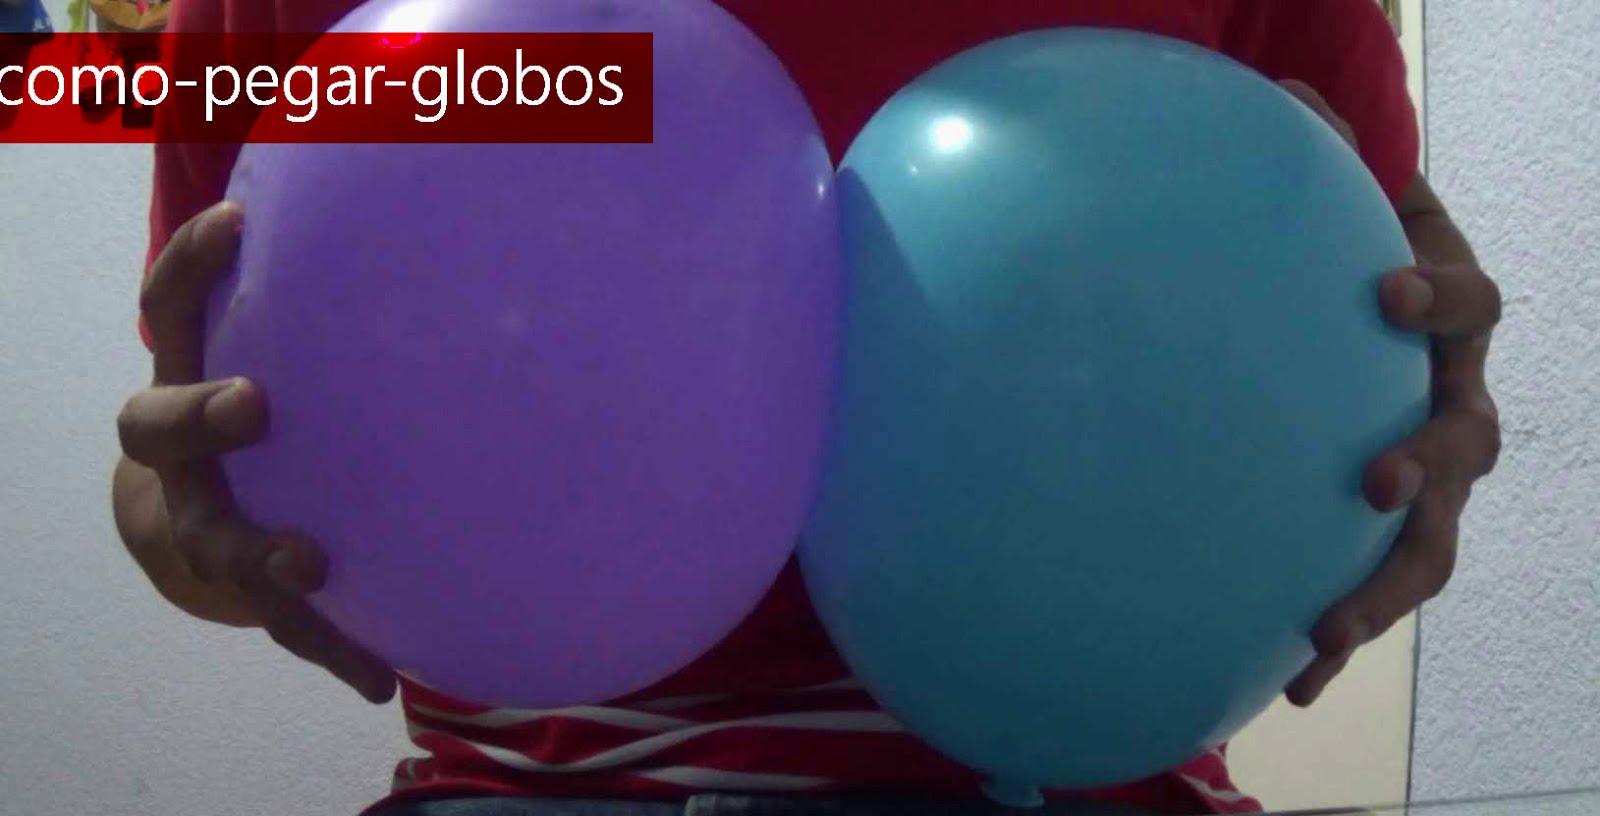 como pegar globos